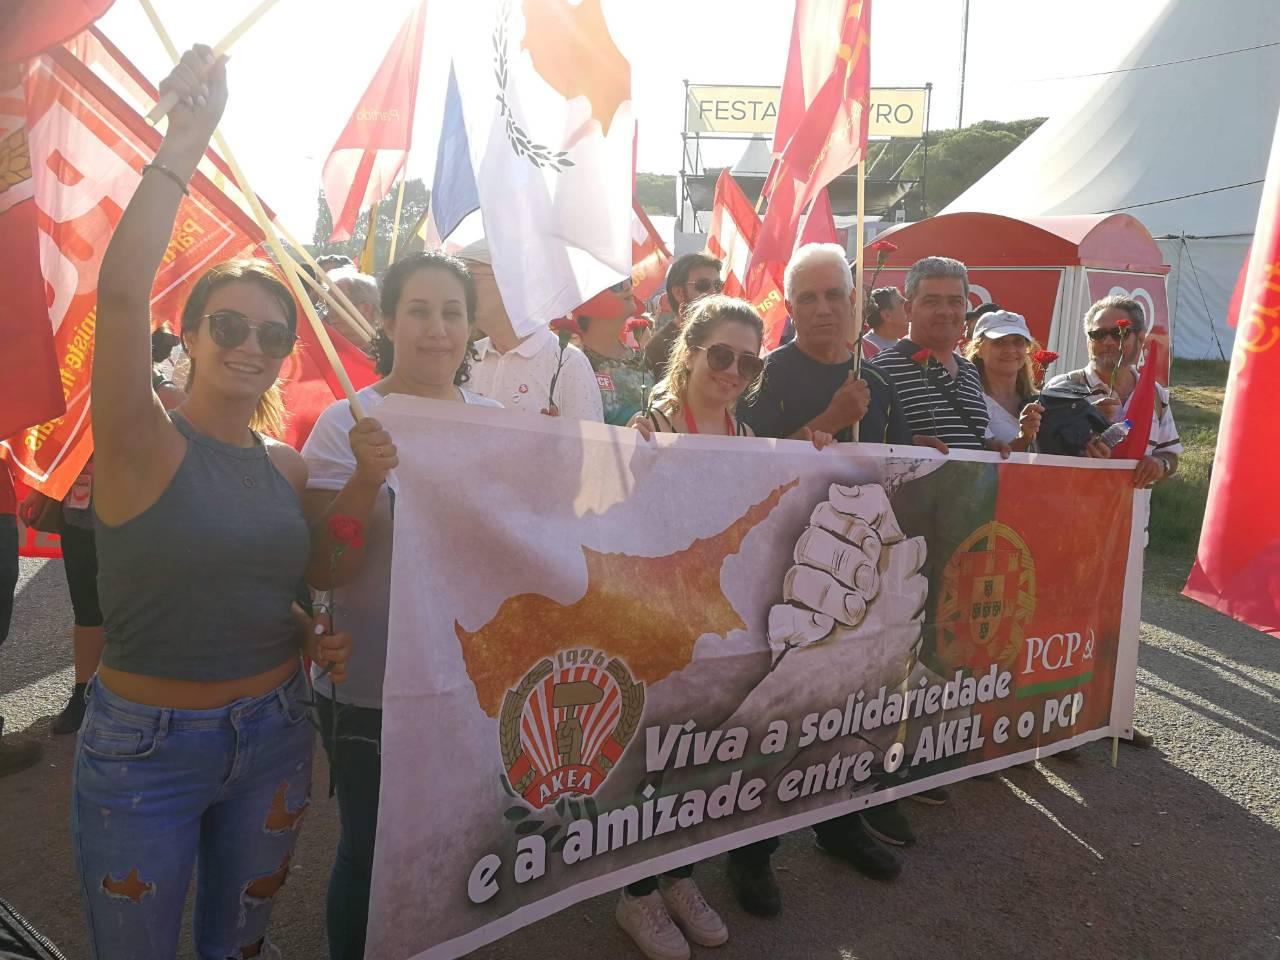 19 Εκδρομή του ΑΚΕΛ στην Πορτογαλία στα χνάρια της Επανάστασης των Γαρυφάλλων